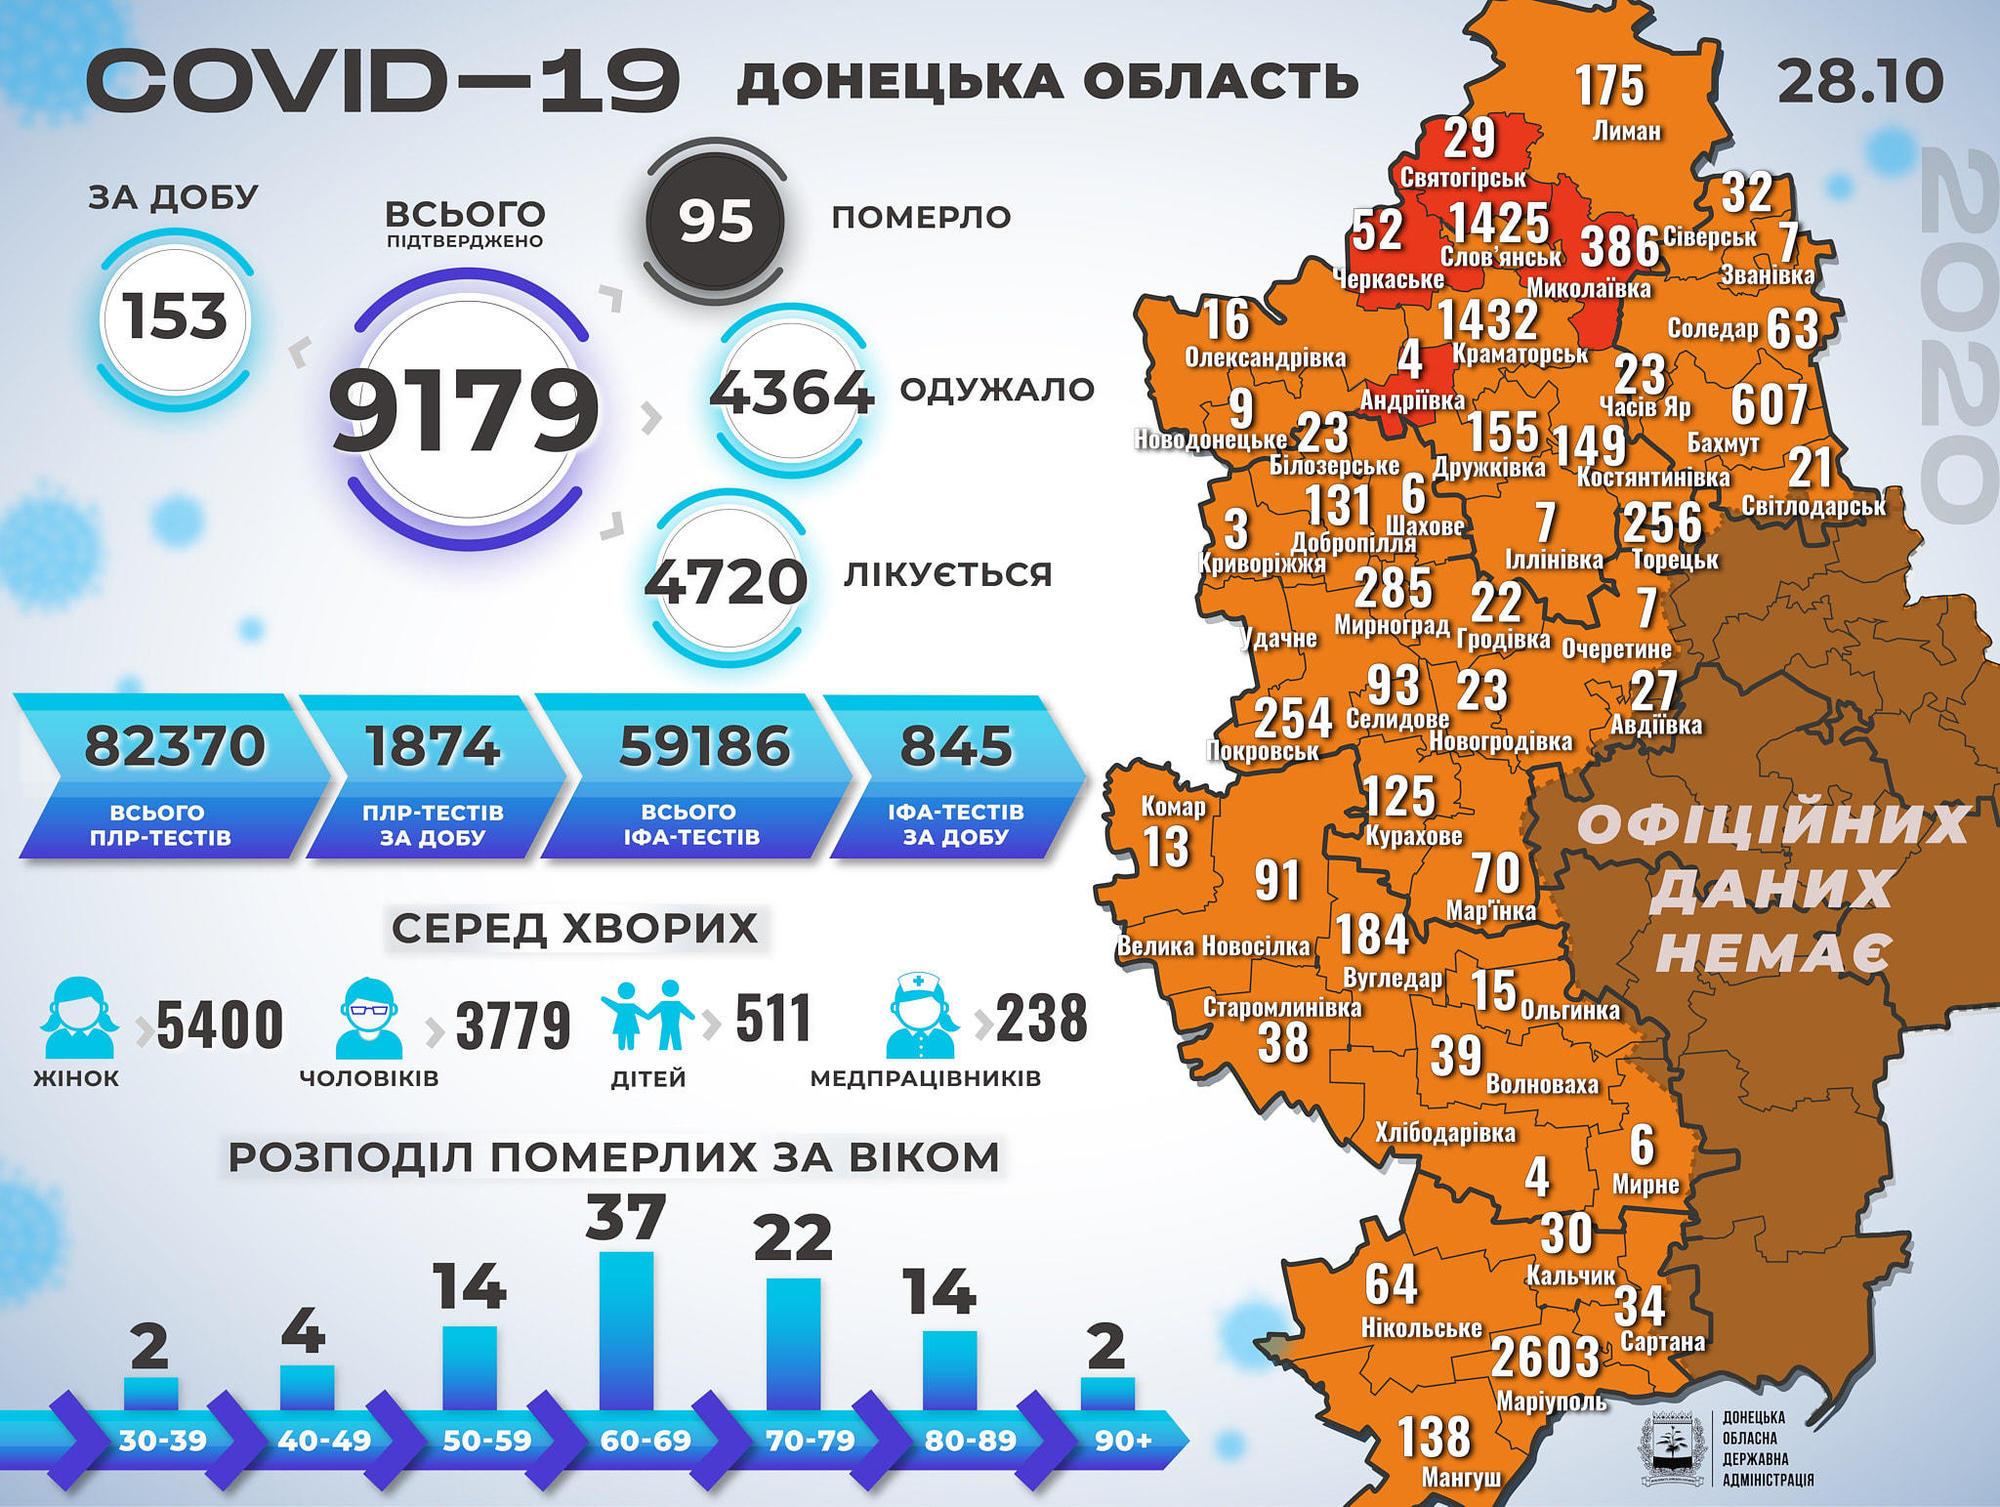 інфографіка Донецька область коронавірус 29 жовтня